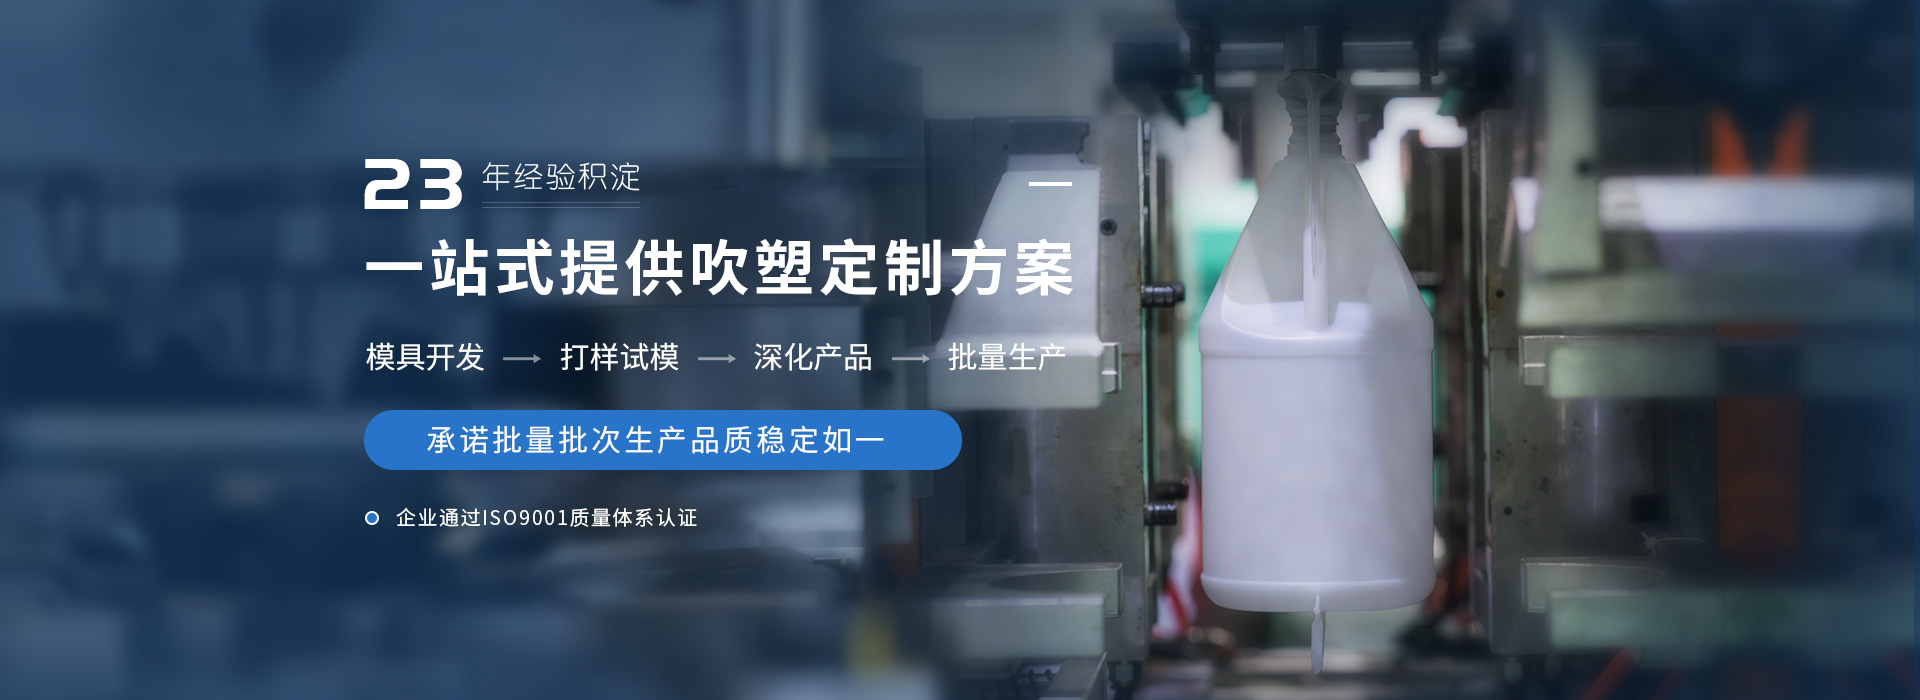 精通吹塑23年经验积淀,一站式提供吹塑制品定制方案